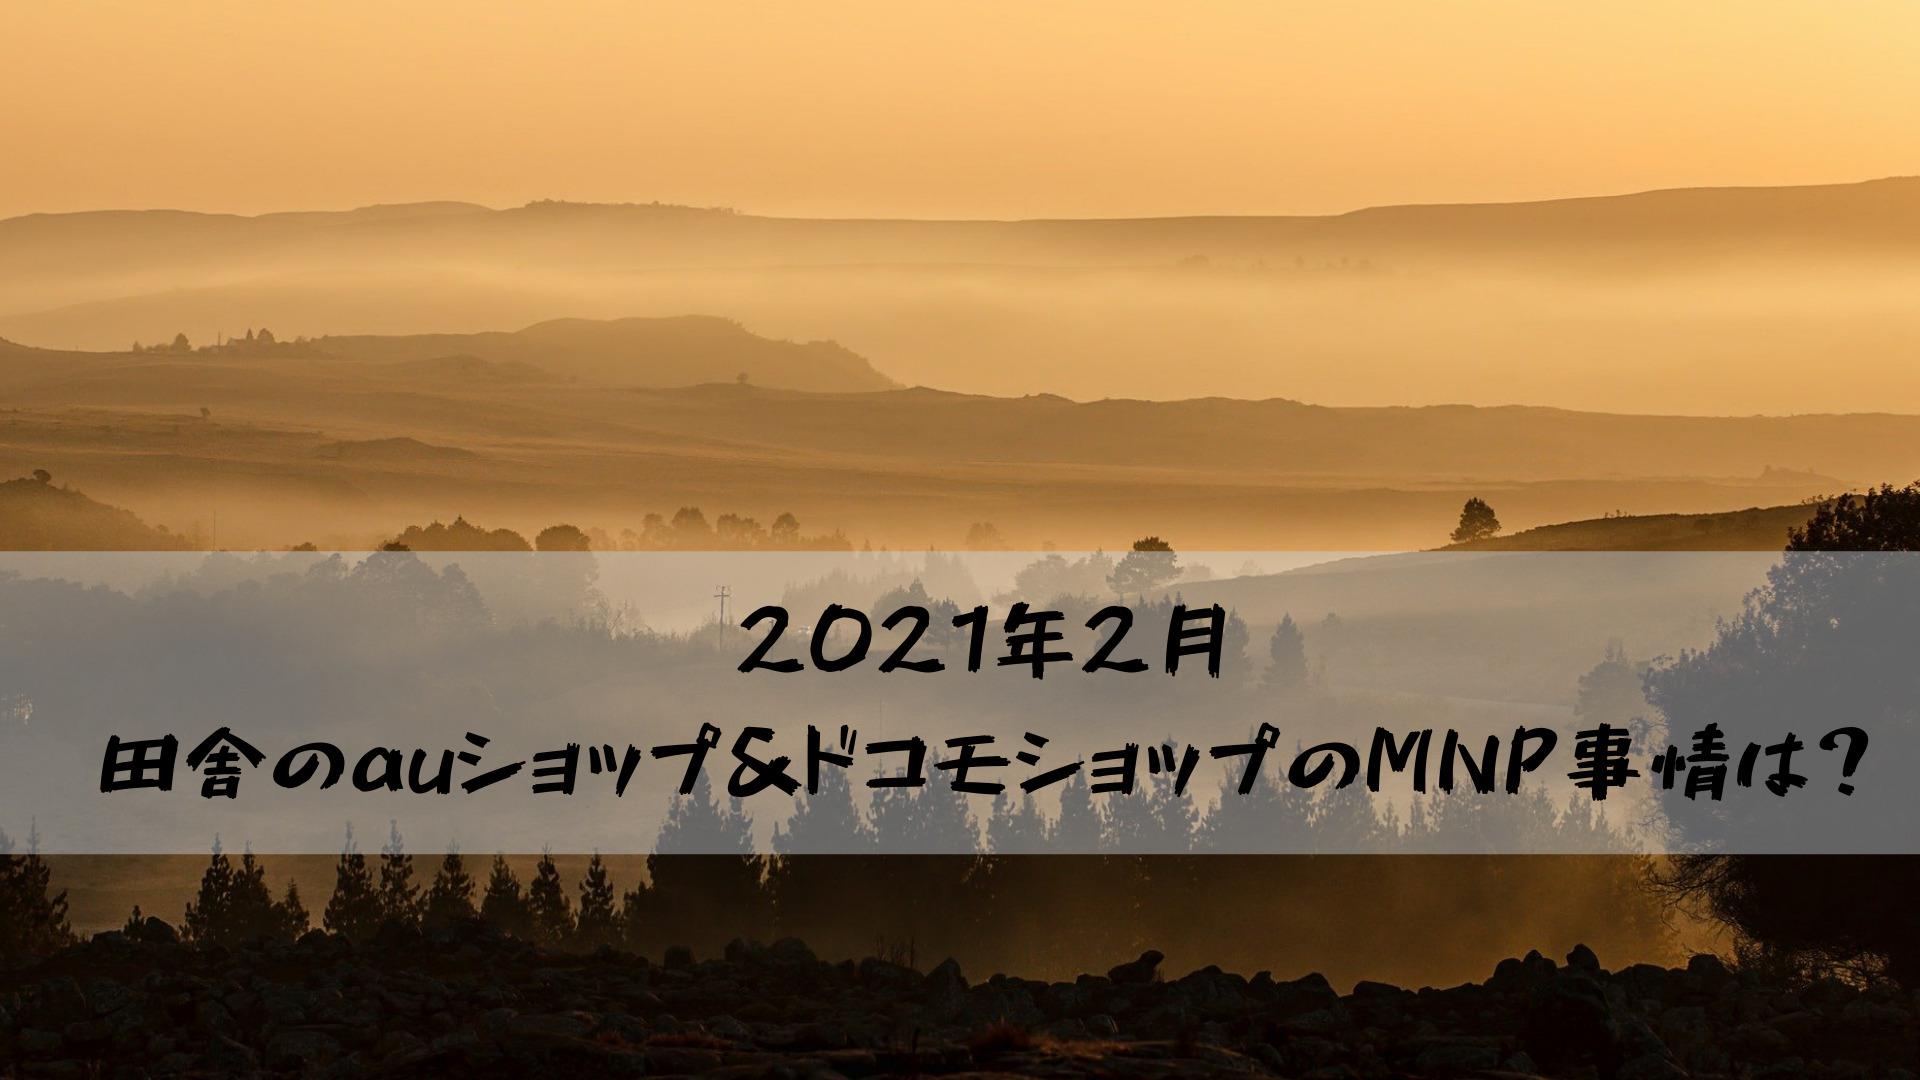 2021年2月田舎のauショップ&ドコモショップのMNP事情は?